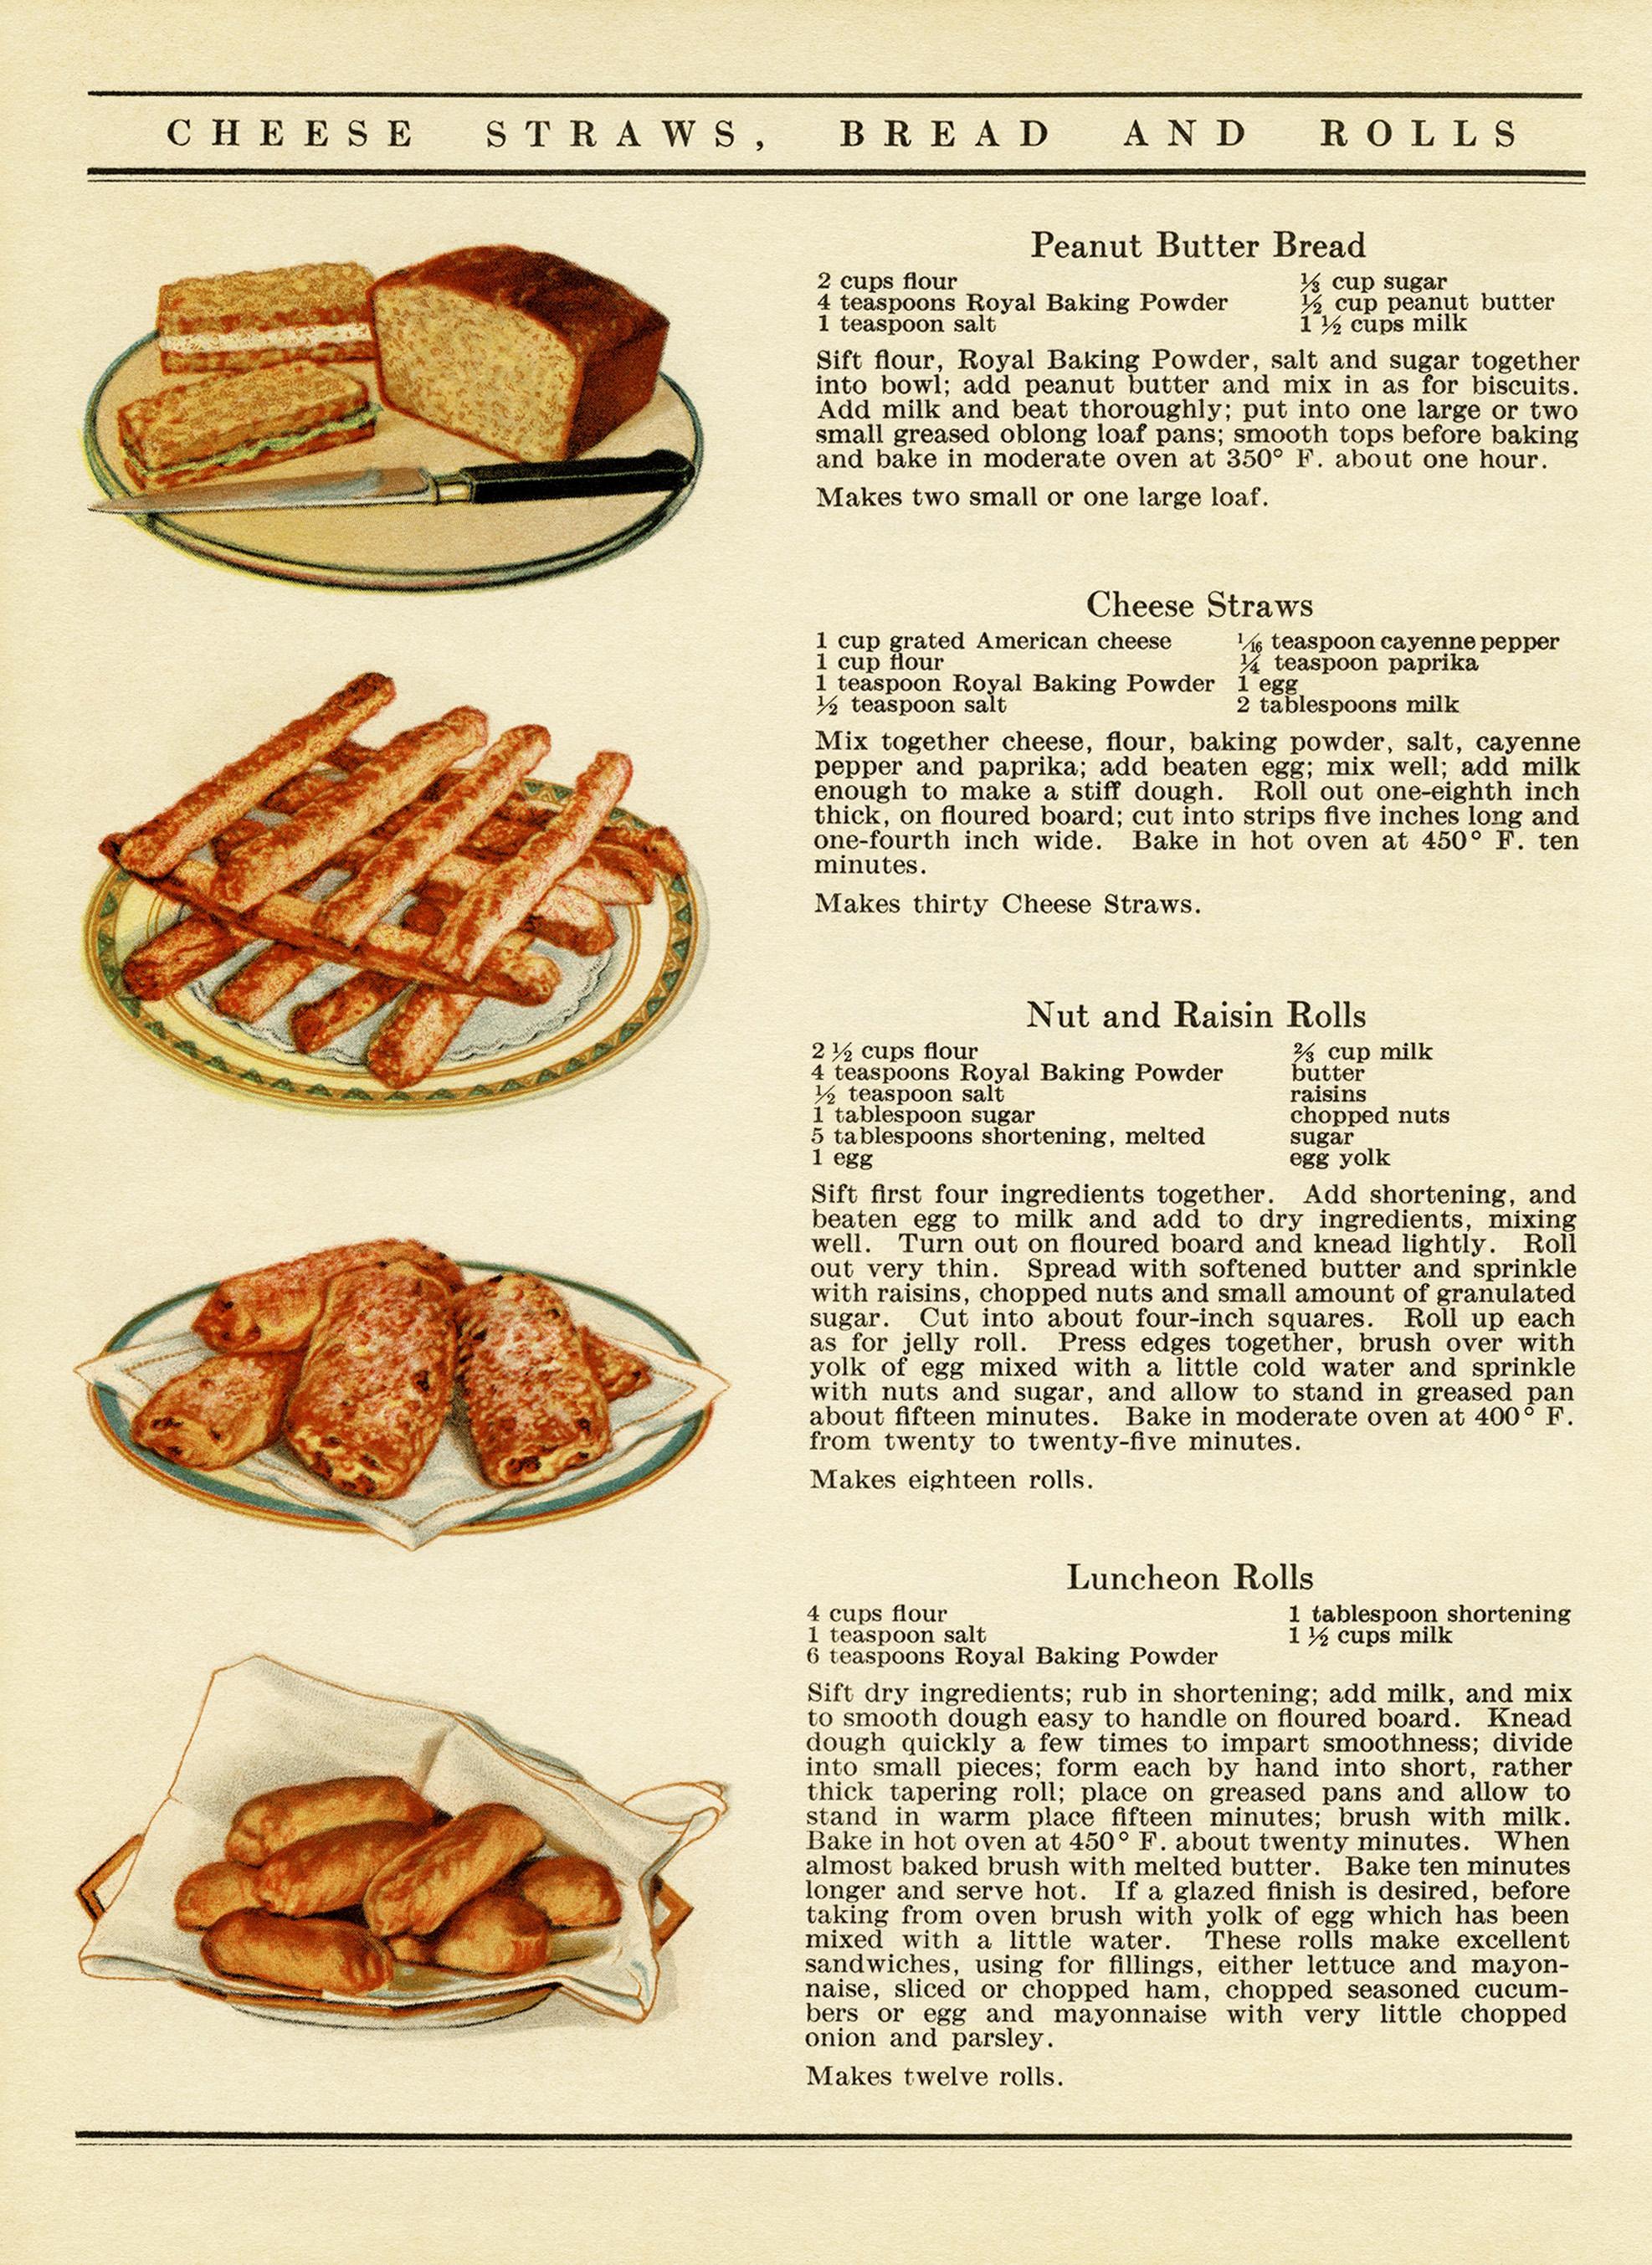 Vintage recipes bread and rolls old design shop blog free vintage illustrated cookbook page digital forumfinder Images